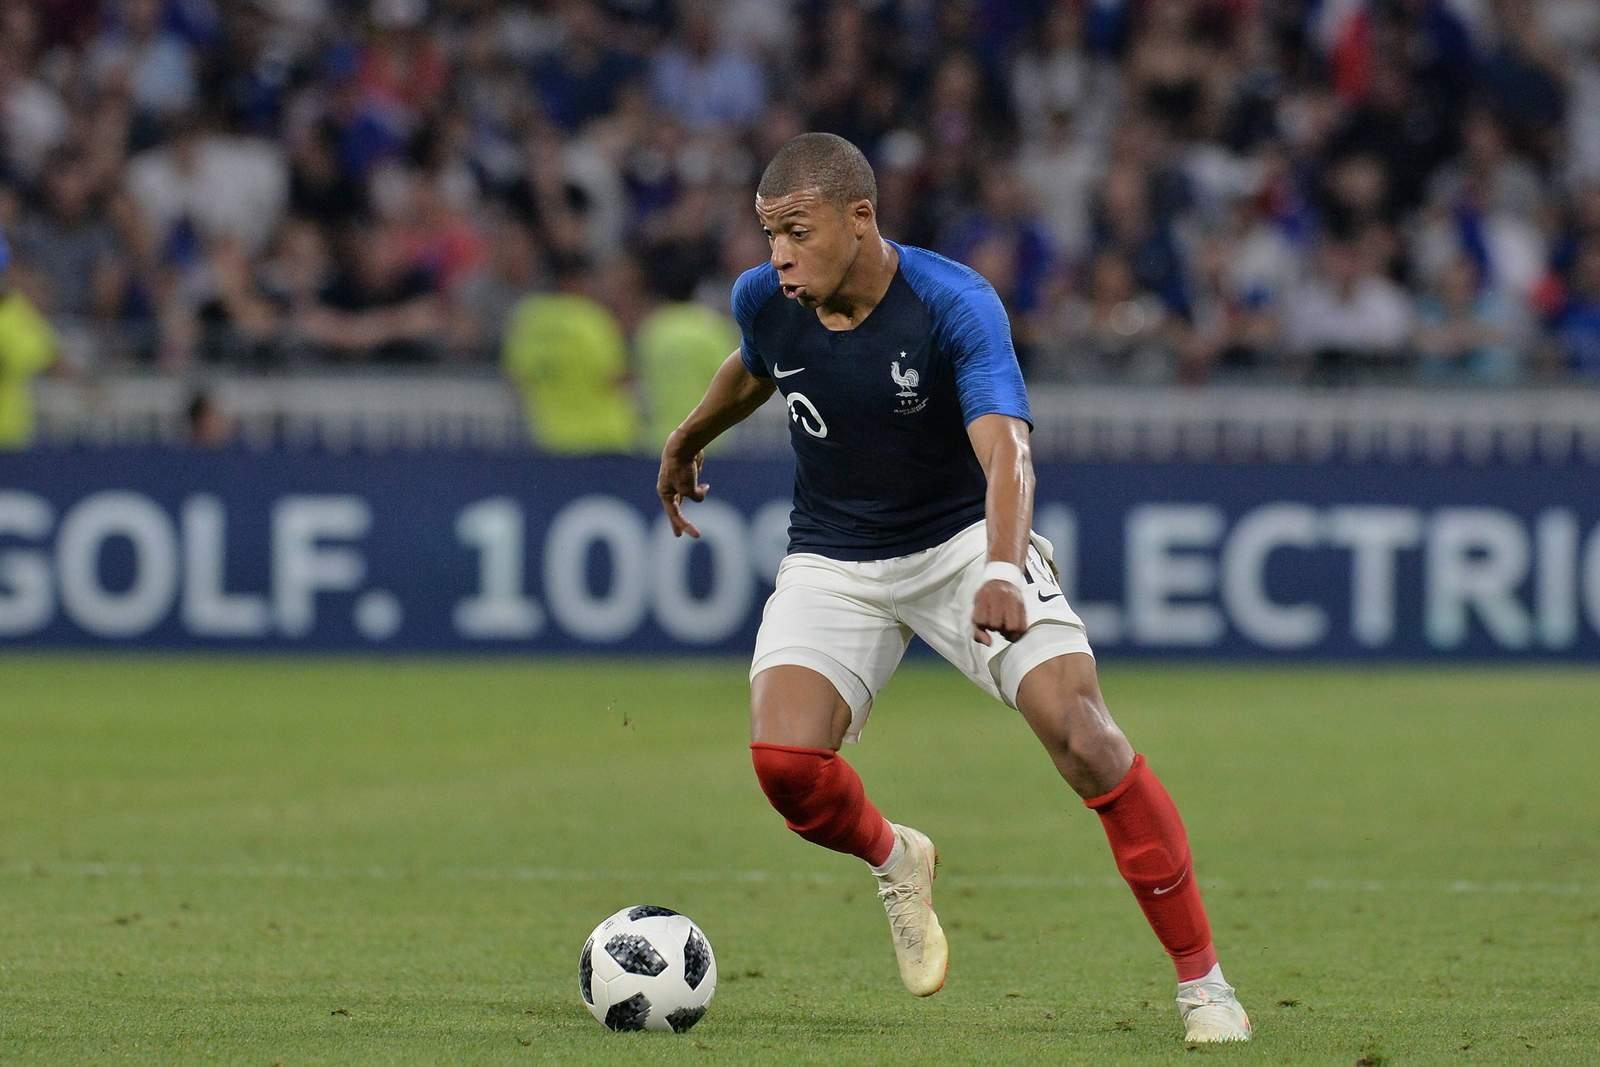 Kylian Mbappé sucht den Weg zum Tor. Jetzt auf Frankreich gegen Australien wetten.